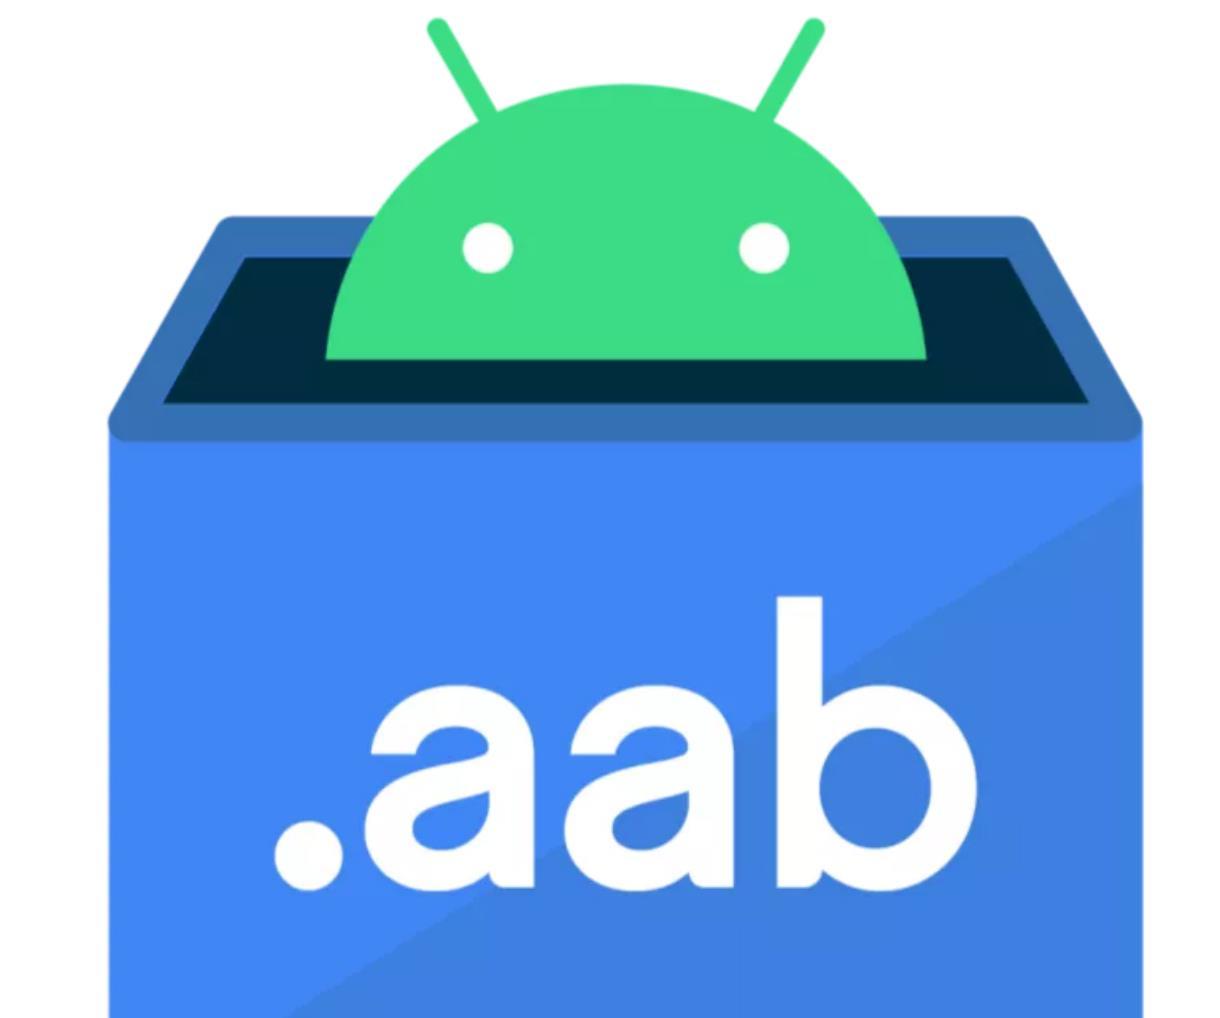 8月1日,安卓apk程序成为历史,这是谷歌在针对华为鸿蒙?